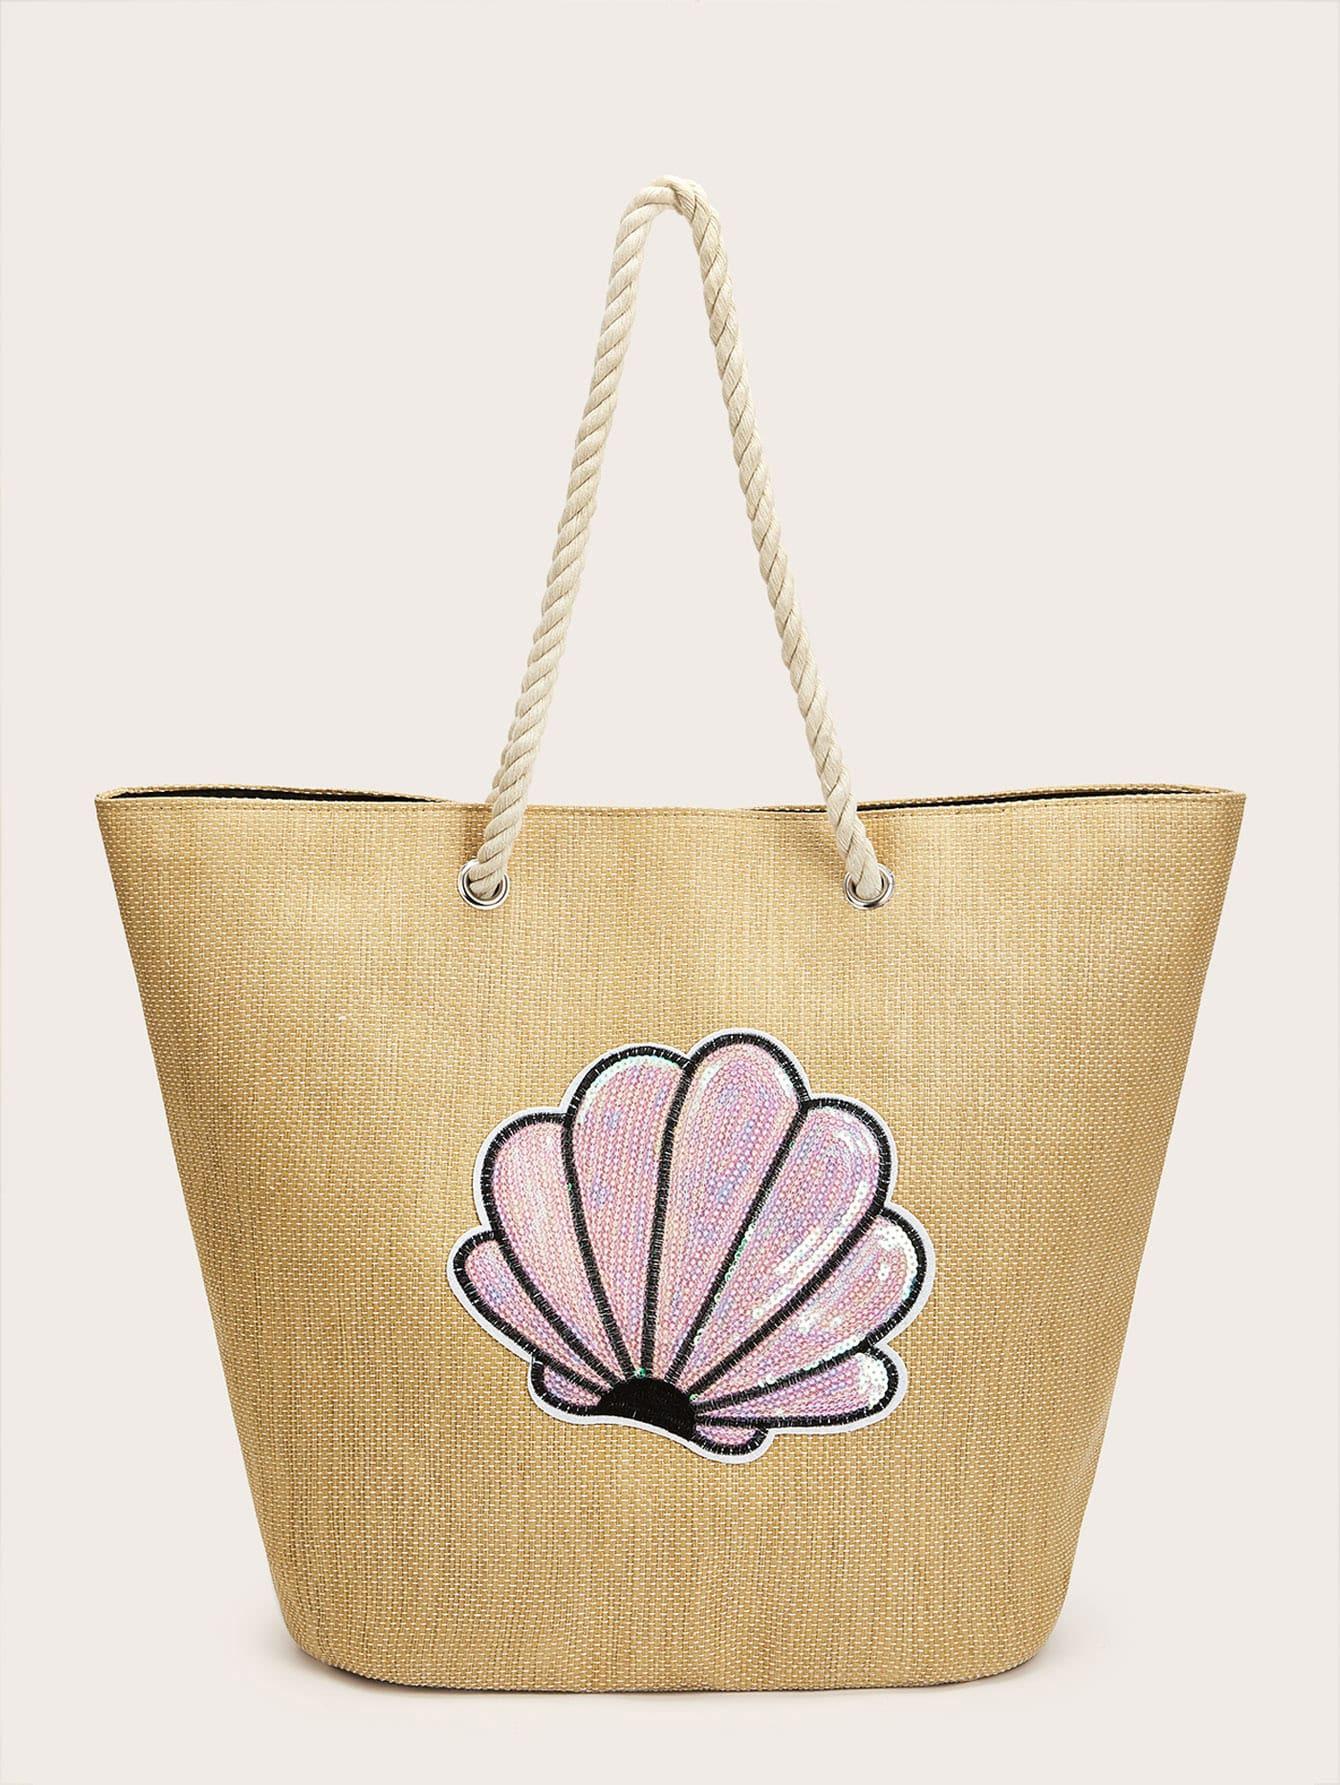 Фото - Соломенная большая сумка с блестками от SheIn цвета хаки